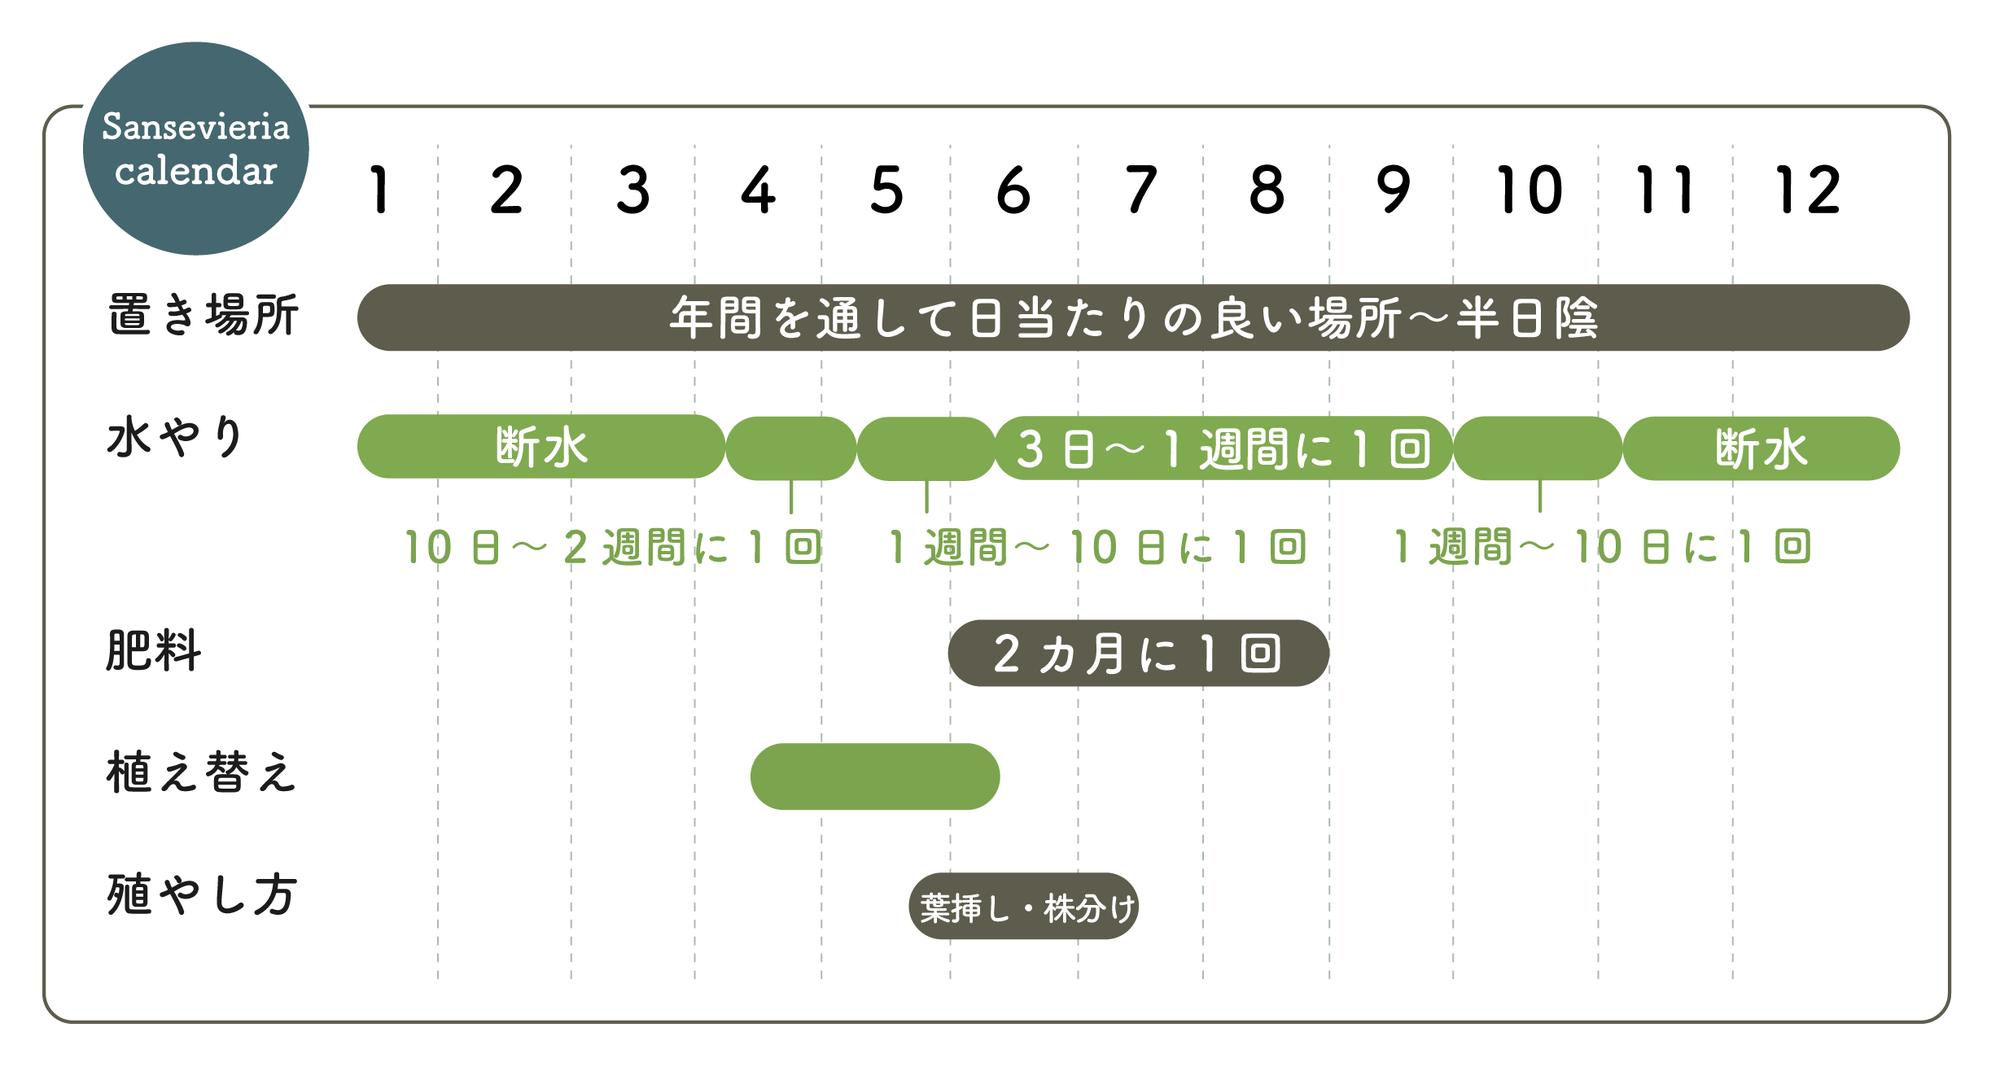 サンセベリアの栽培カレンダー